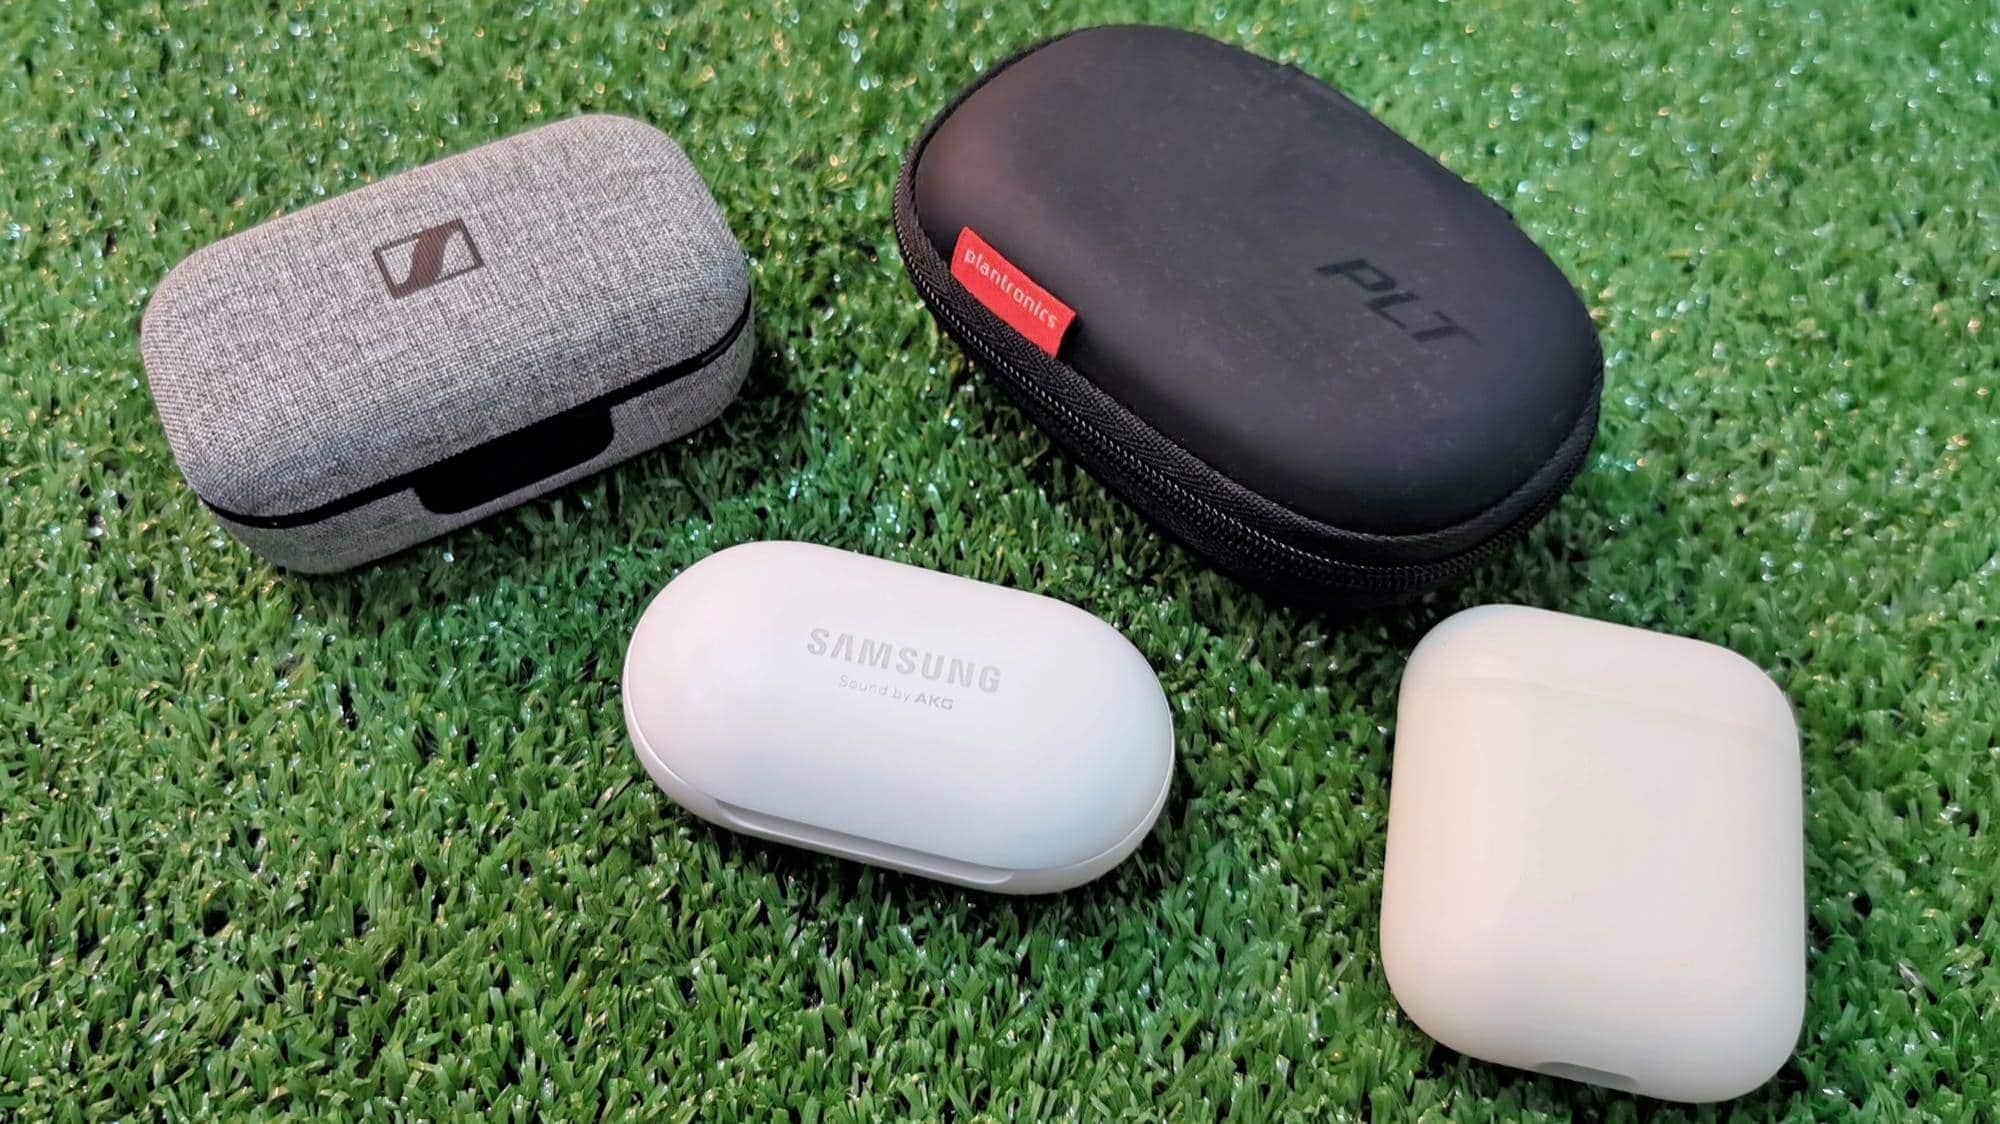 galaxy buds - รีวิว Samsung Galaxy Buds หูฟัง True Wireless รองรับการชาร์จไร้สาย